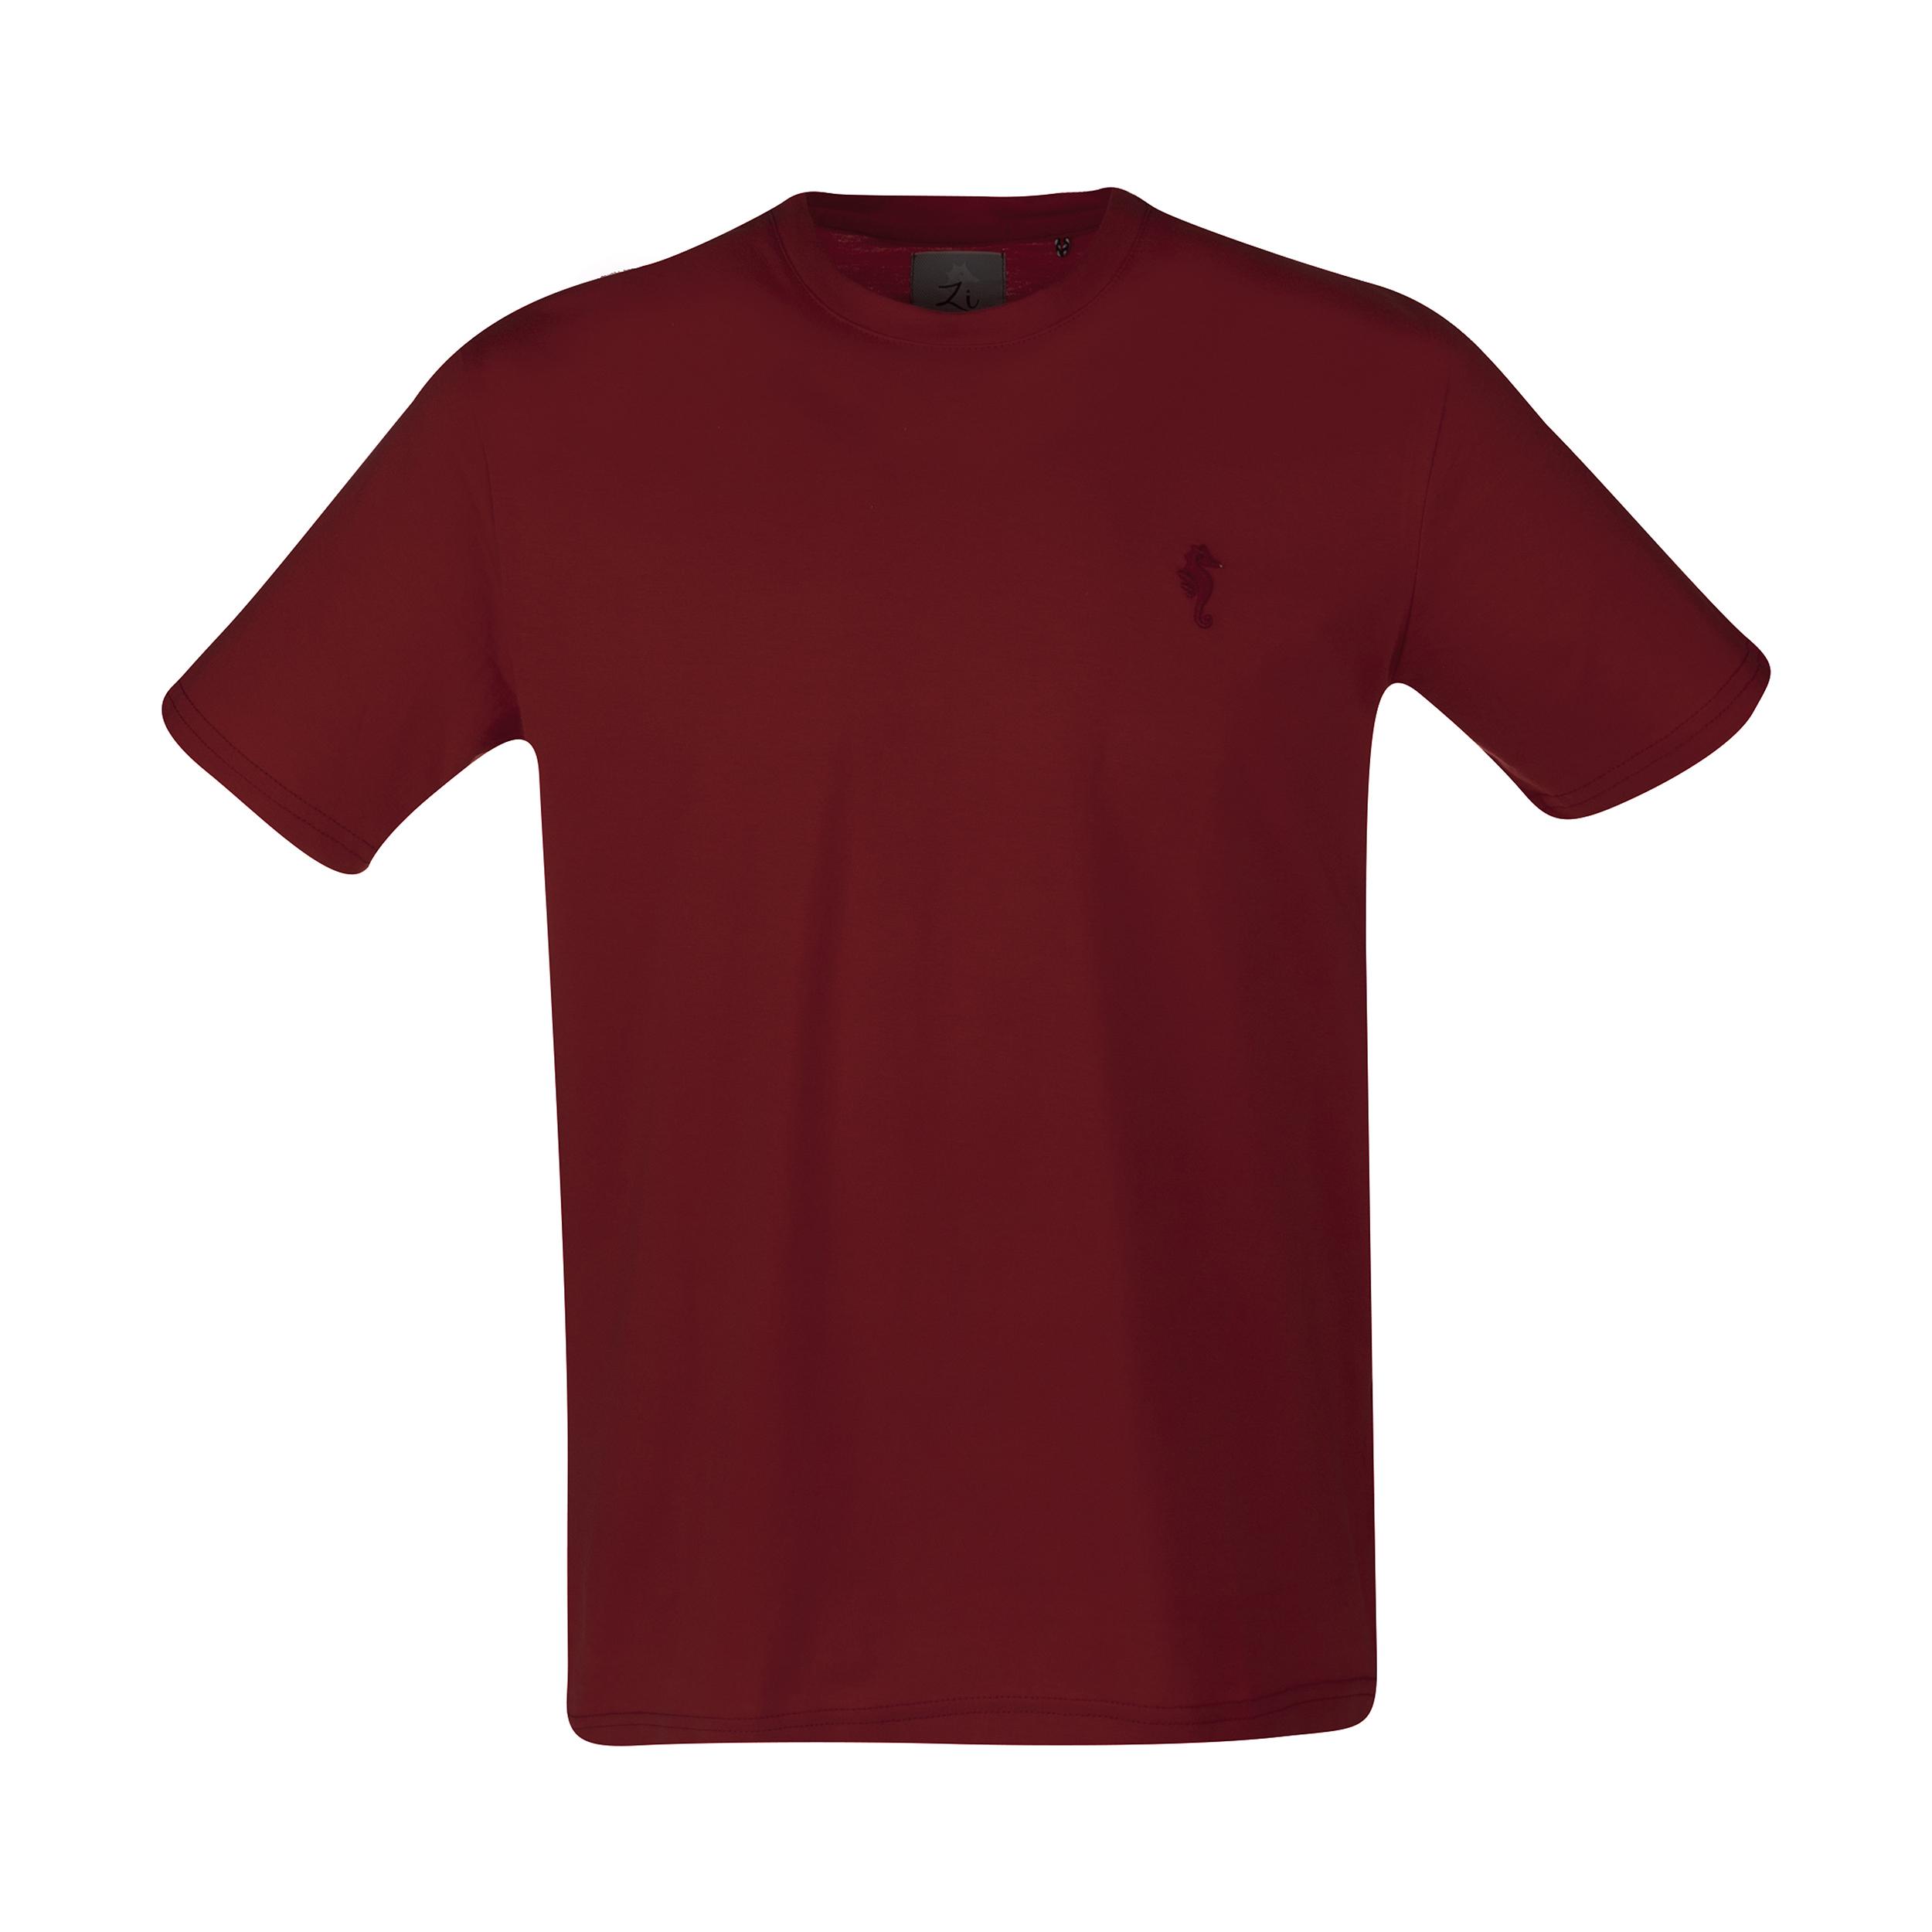 تی شرت مردانه زی مدل 153113070